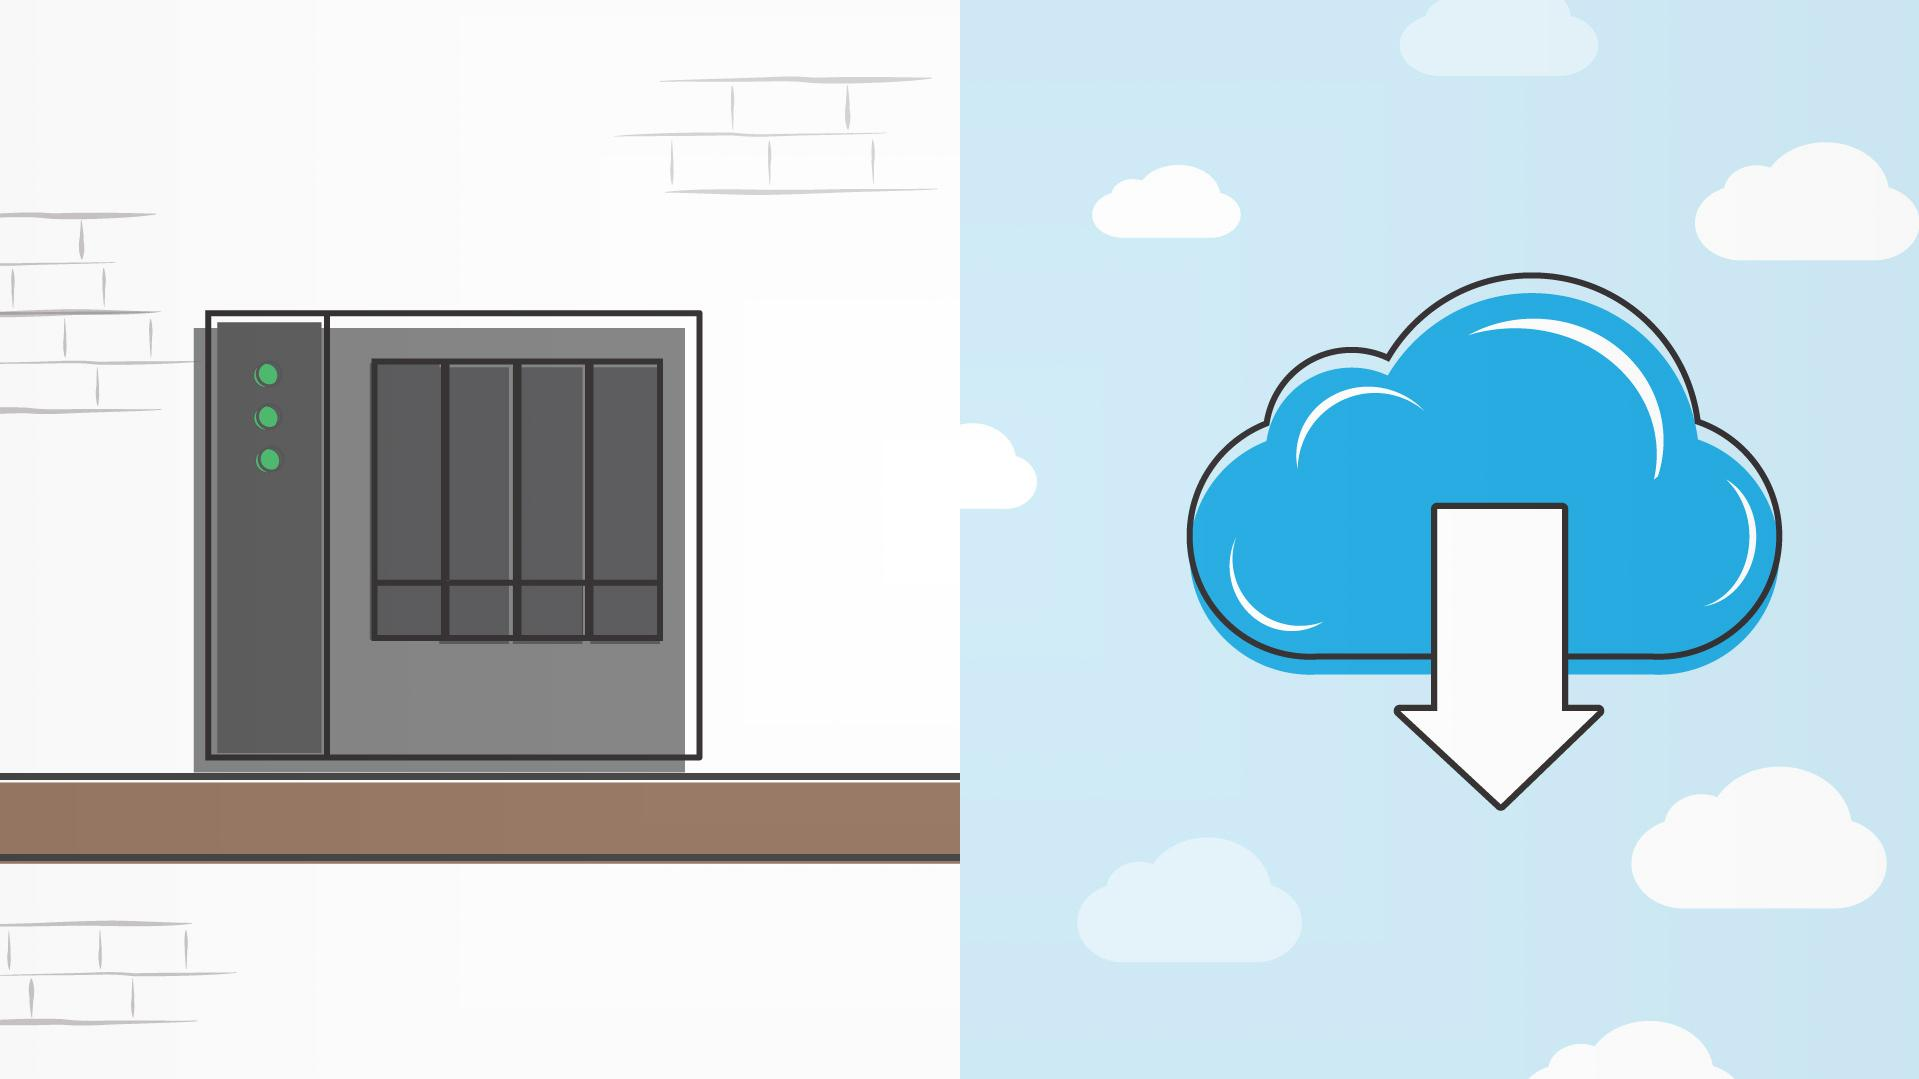 NAS oder Cloud - Wann ist was besser?